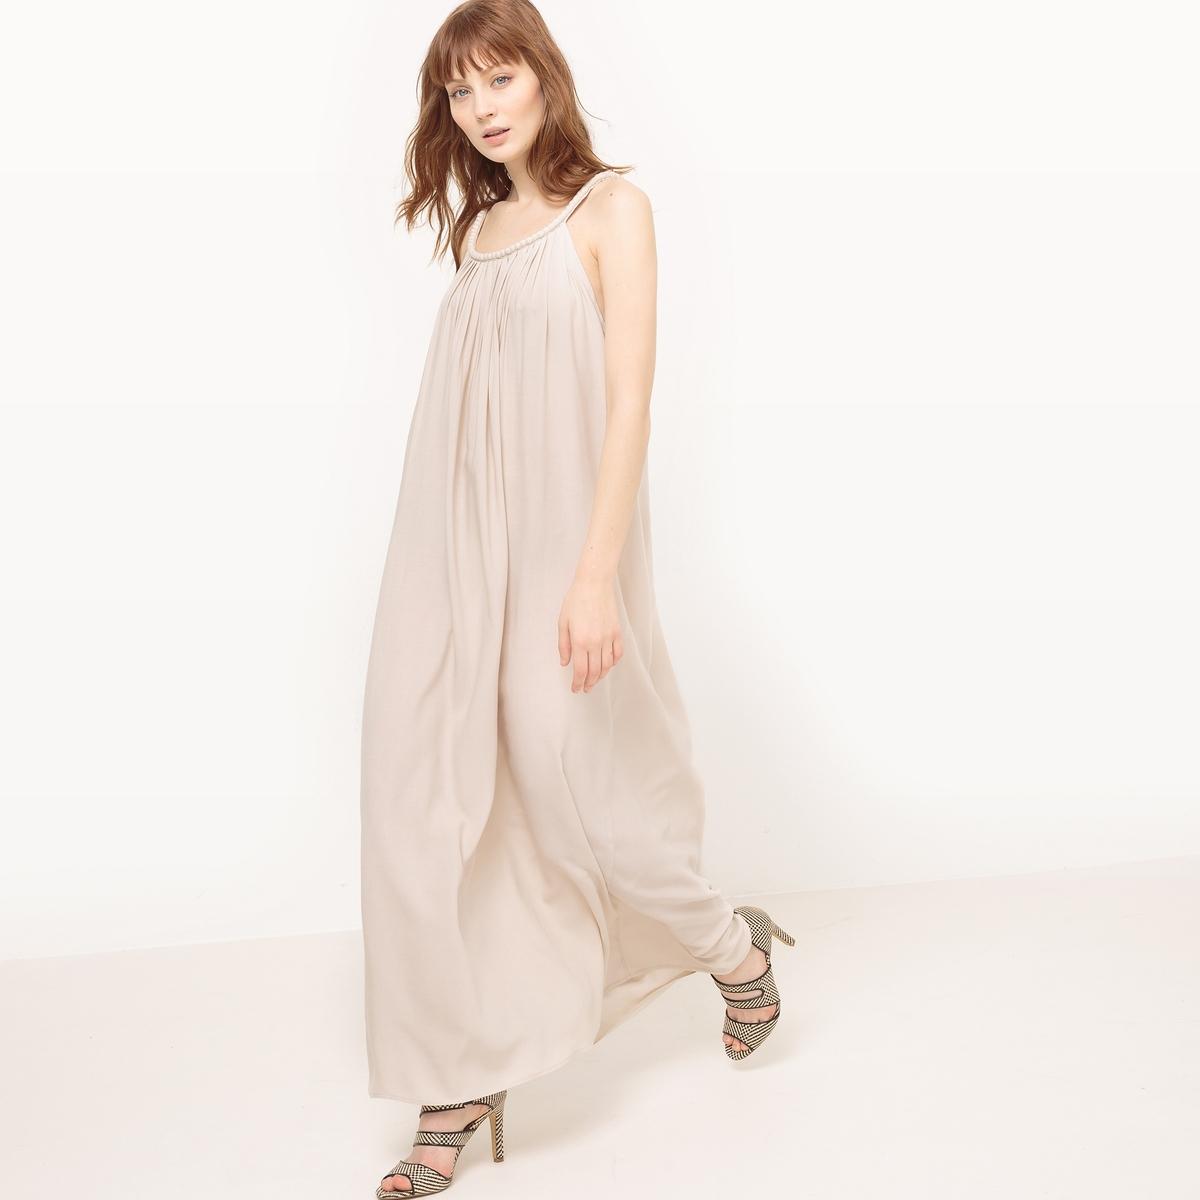 Платье длинное из кружева, юбка из тюляМатериал : 100% вискоза  Длина рукава : тонкие бретели  Форма воротника : круглый вырез Покрой платья : длинное платье Рисунок : однотонная модель   Длина платья : длинное<br><br>Цвет: бежевый<br>Размер: S/M